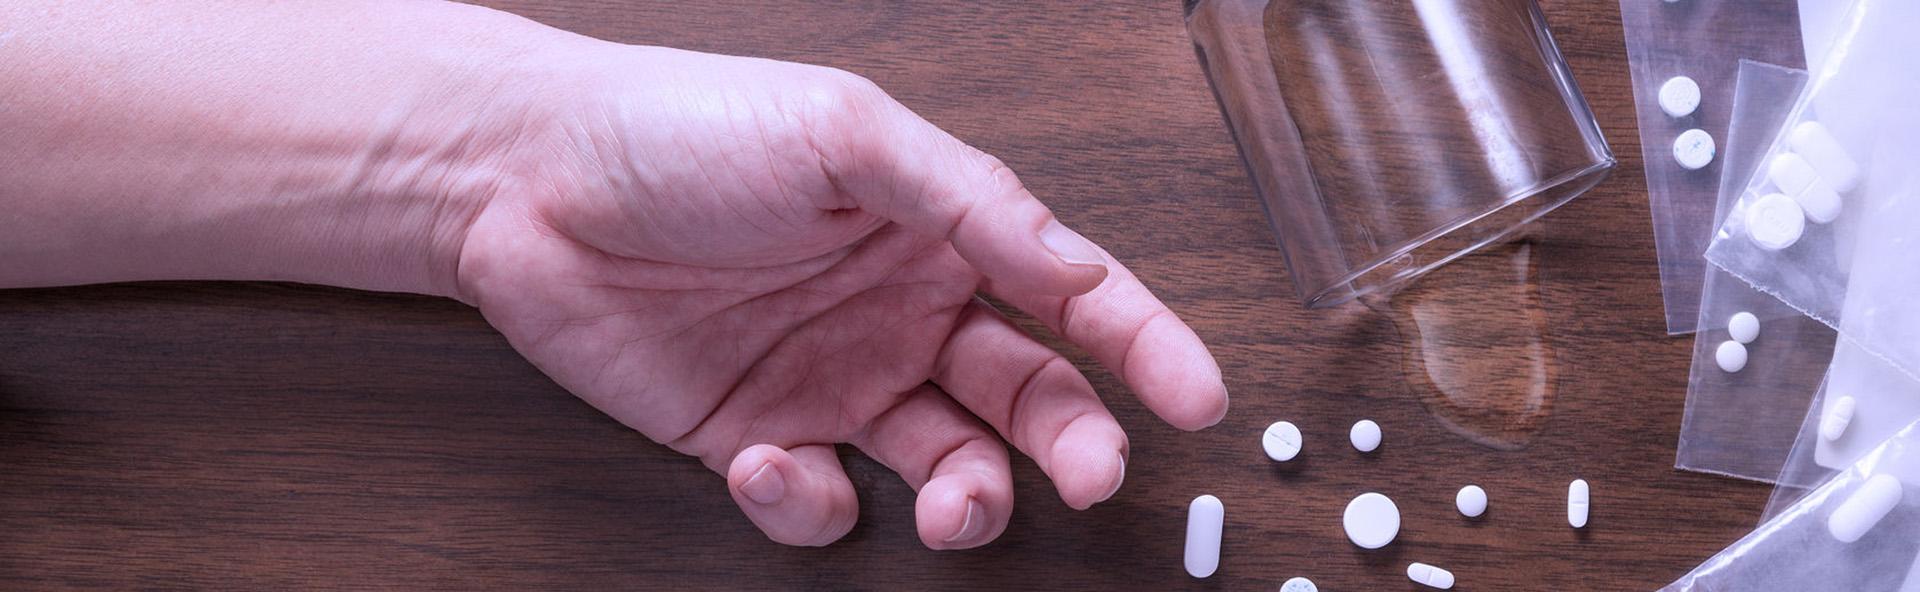 Teen Rehab - Drug Overdose - Spilled Pills